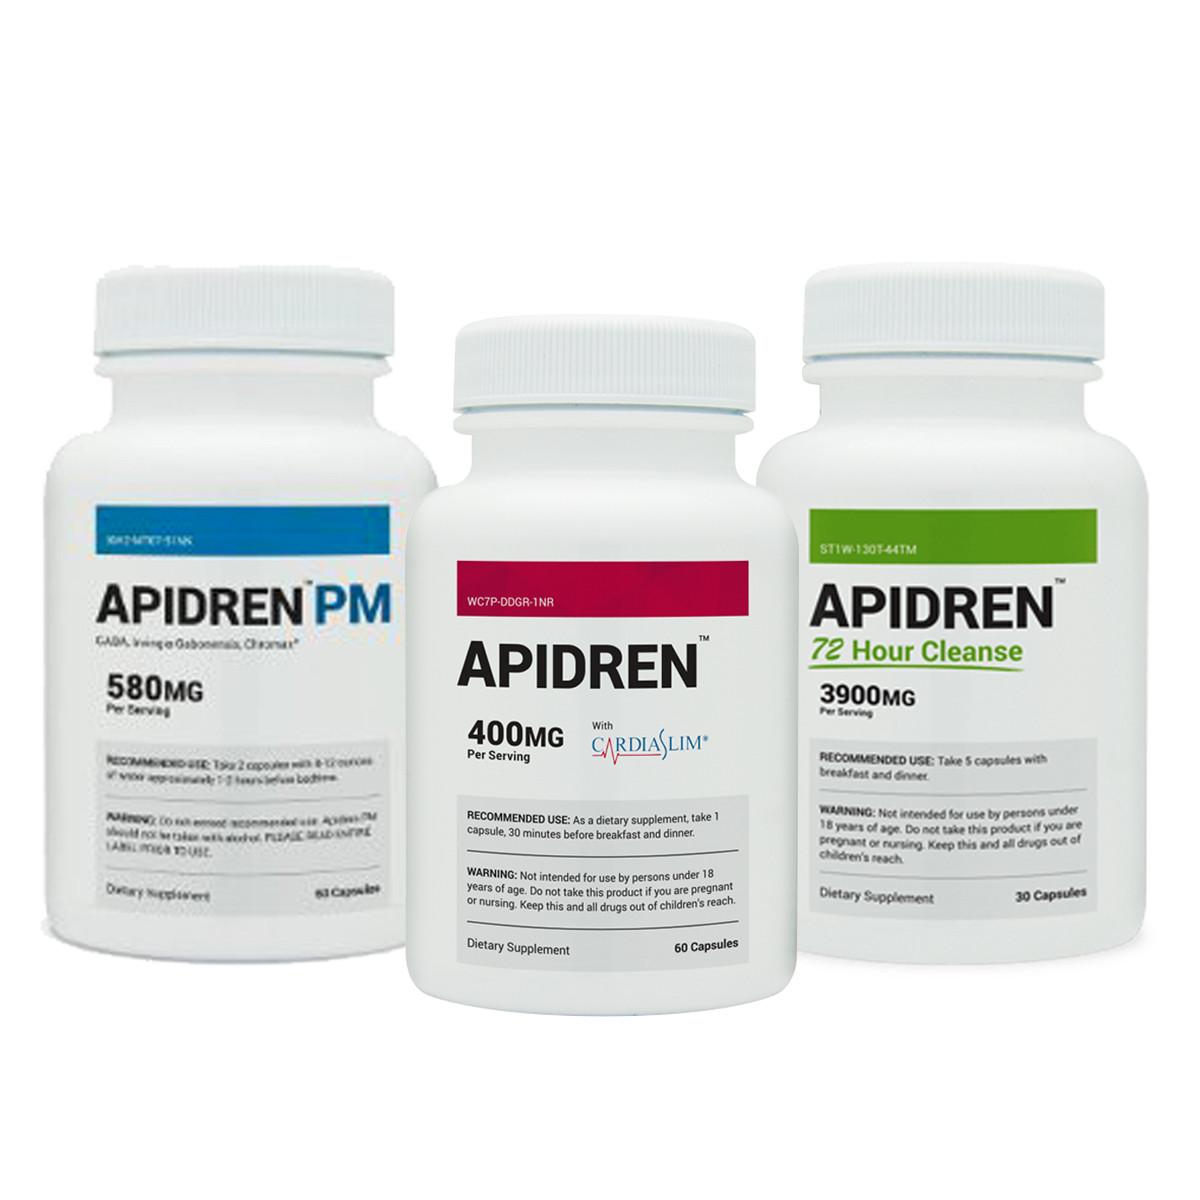 [골든패키지] 다이어트약 에피드렌 풀세트